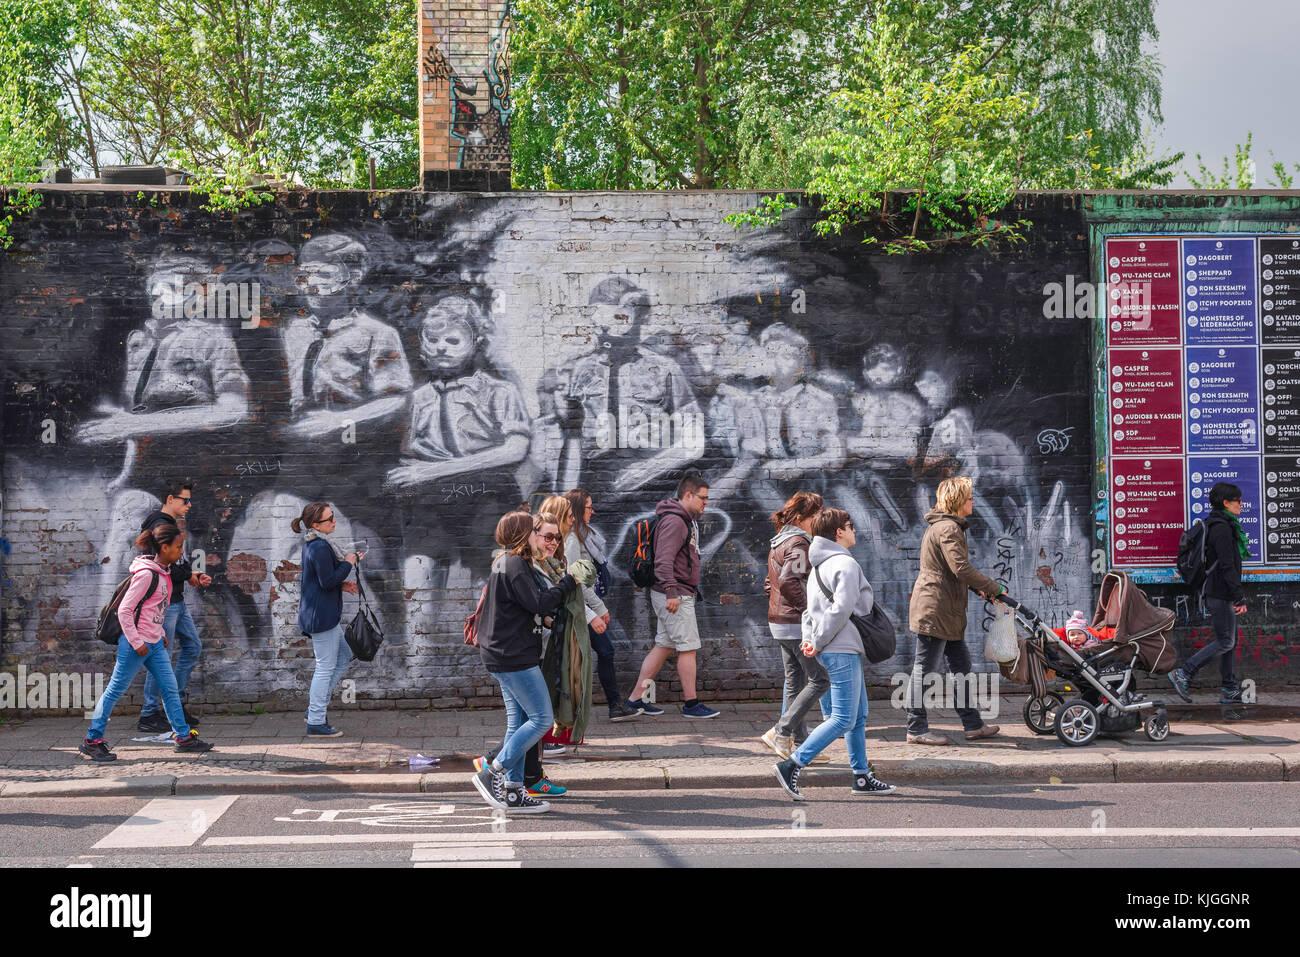 Mur de Berlin, les gens devant une peinture murale représentant la jeunesse hitlérienne peint sur le mur Photo Stock